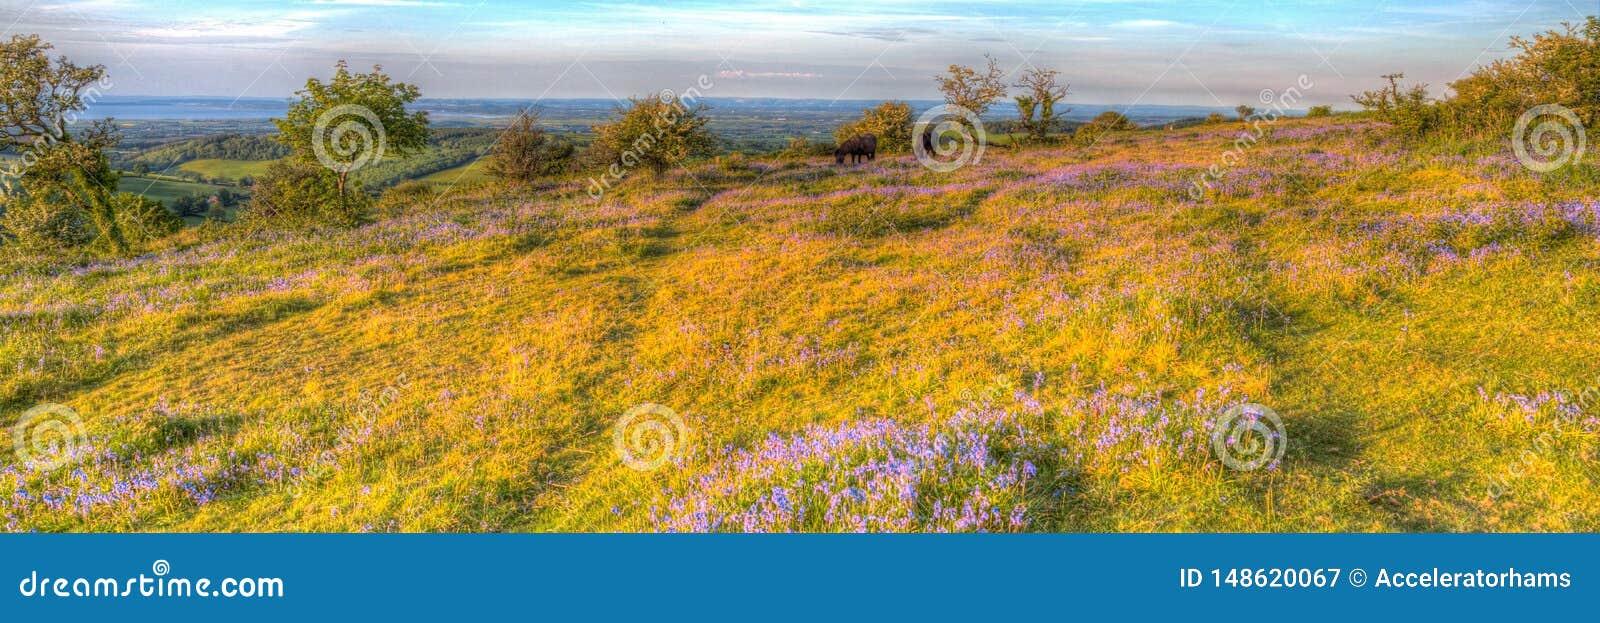 Campanillas de Somerset de las colinas de Quantock y potros salvajes en una tarde del verano en HDR colorido